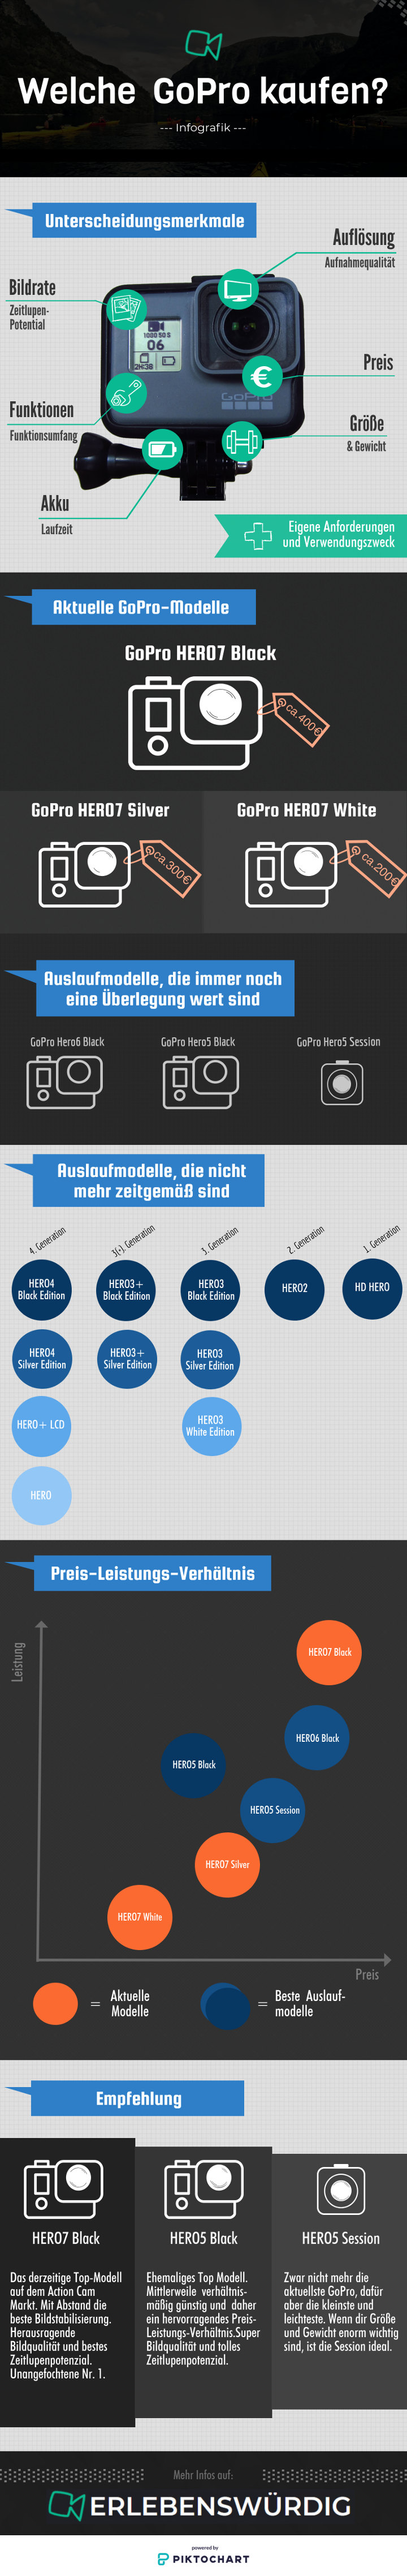 Welche GoPro kaufen - Infografik